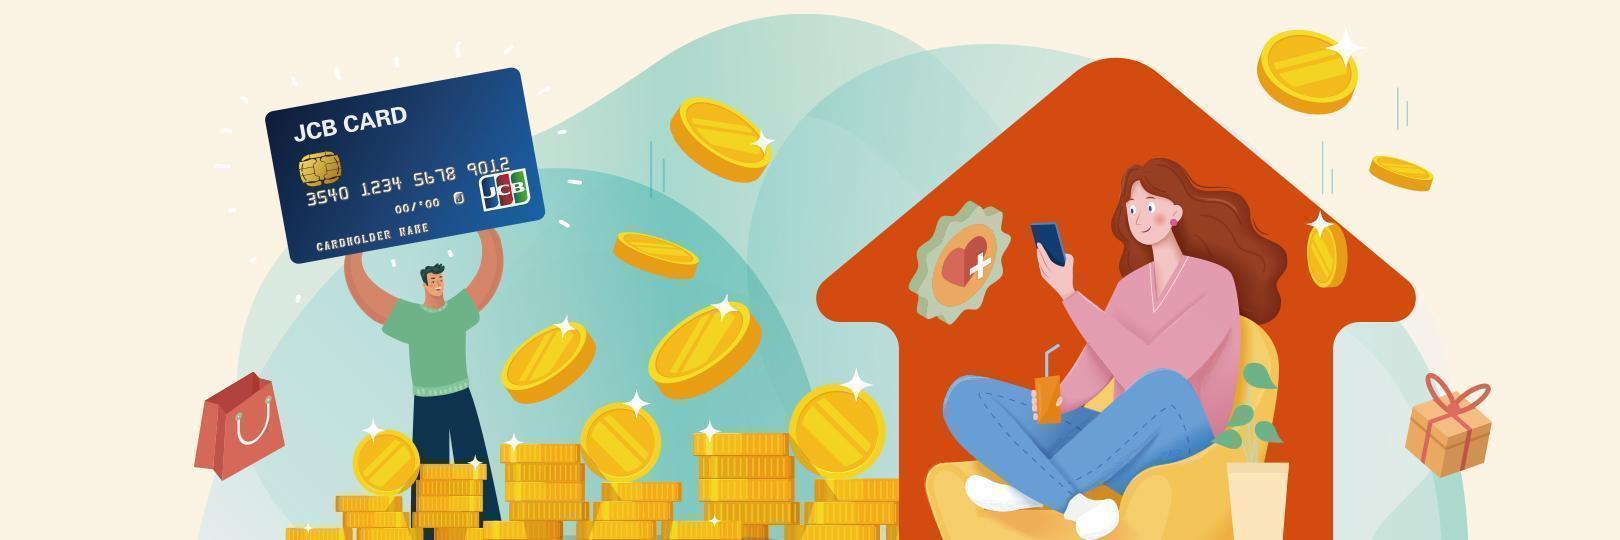 酷暑宅一夏刷台新JCB卡,指定國外網購最高享10%回饋!